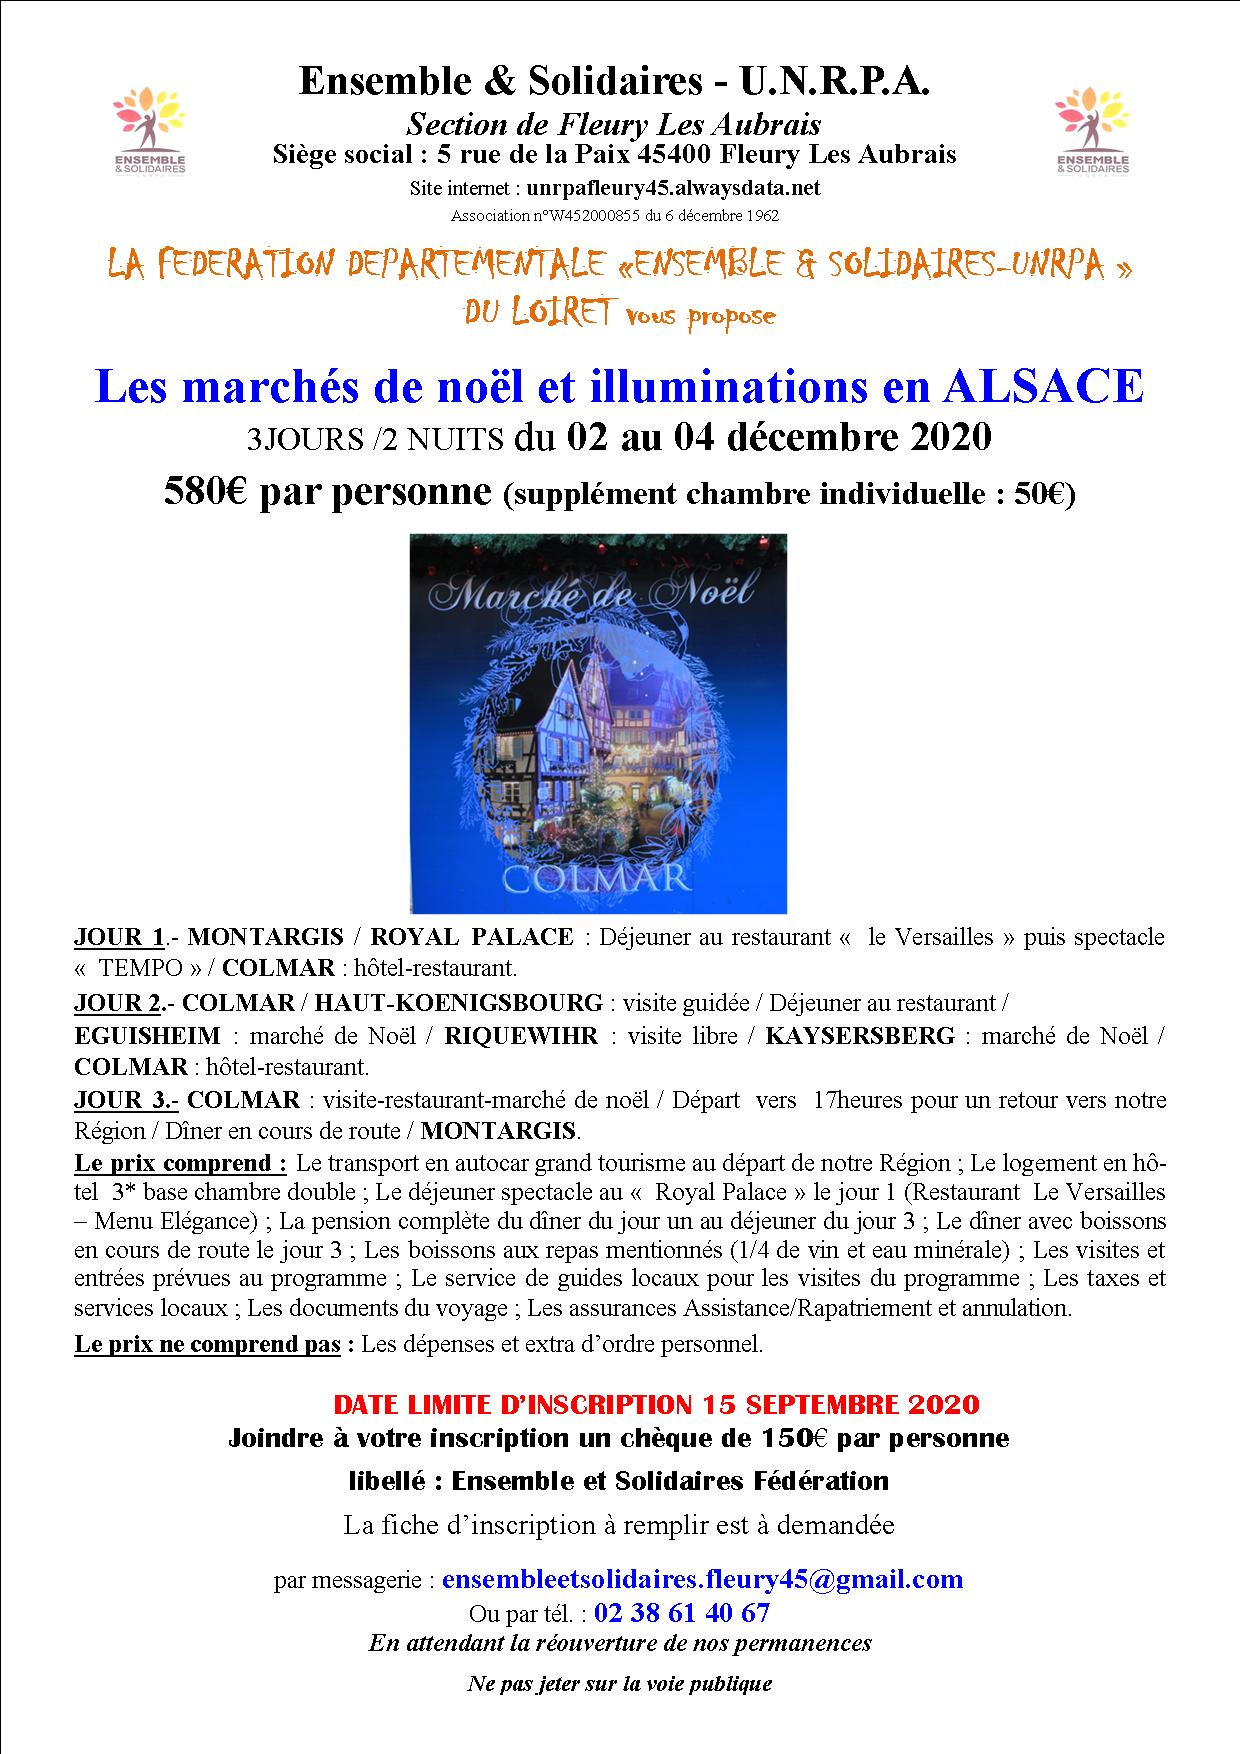 Affiche Alsace fédé du 2 au 4 12 2020(1).jpg